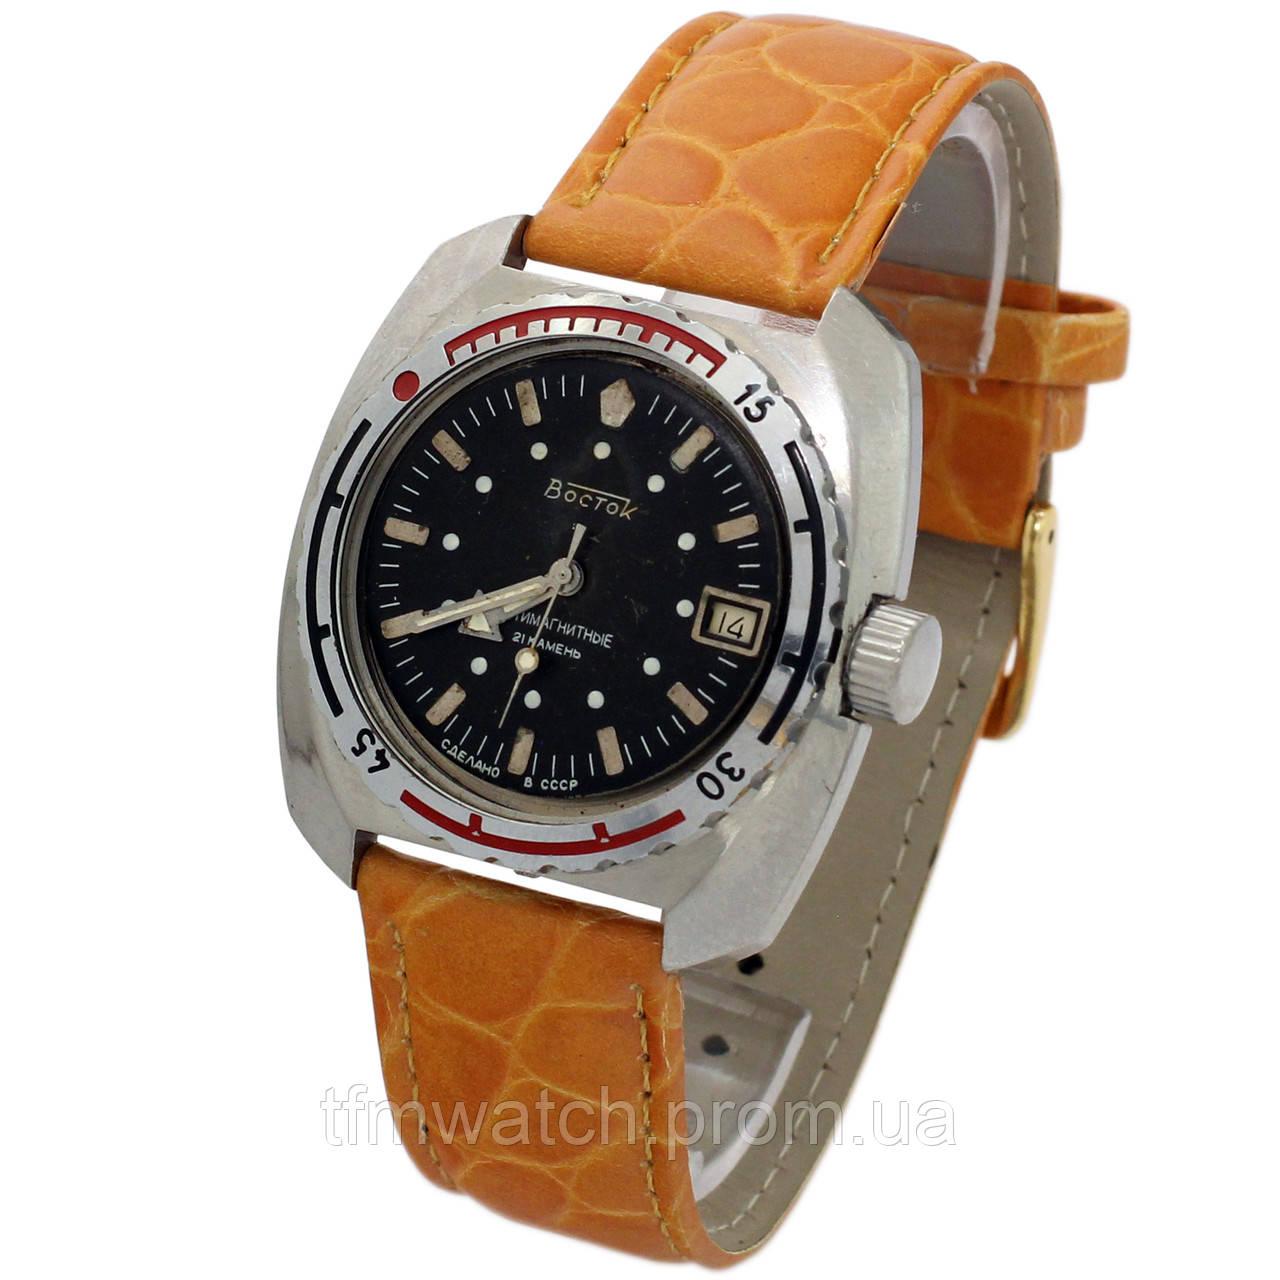 Купить часы водонепроницаемые амфибия мужские наручные часы casio protrek купить